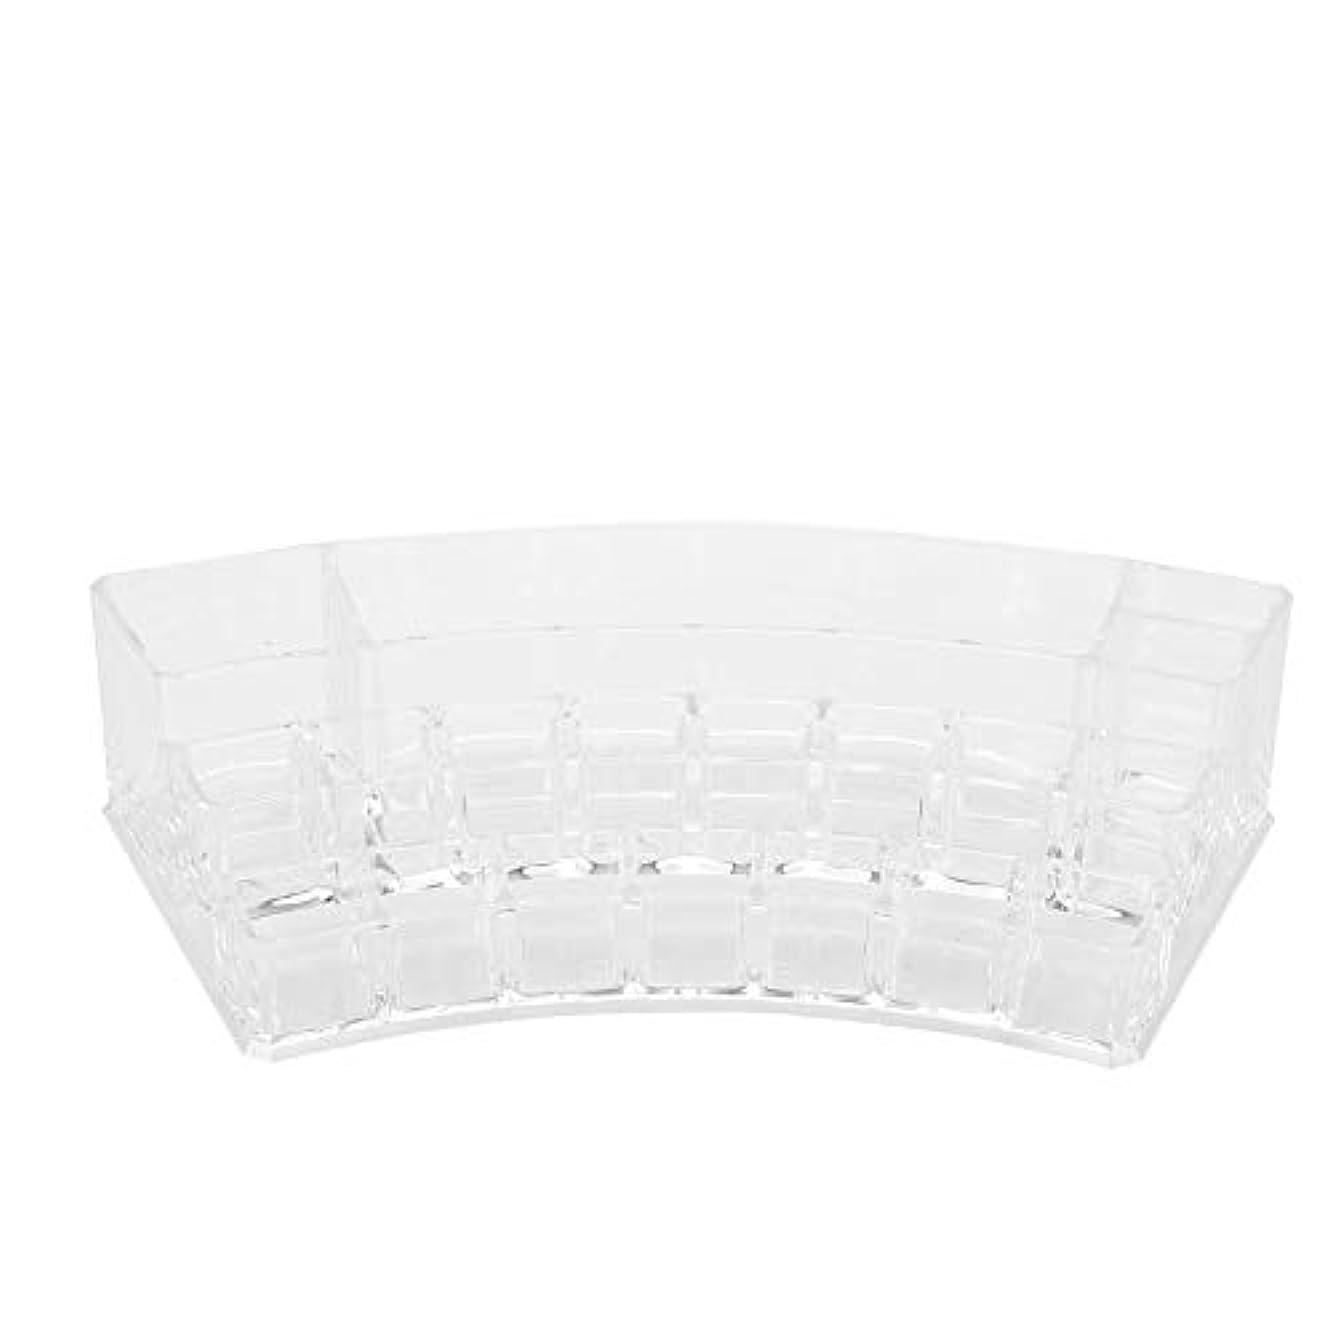 乳白色国家職業19グリッドプラスチック収納ボックス - ディスプレイケースネイルアートタトゥーツールオーガナイザー化粧品ディスプレイ